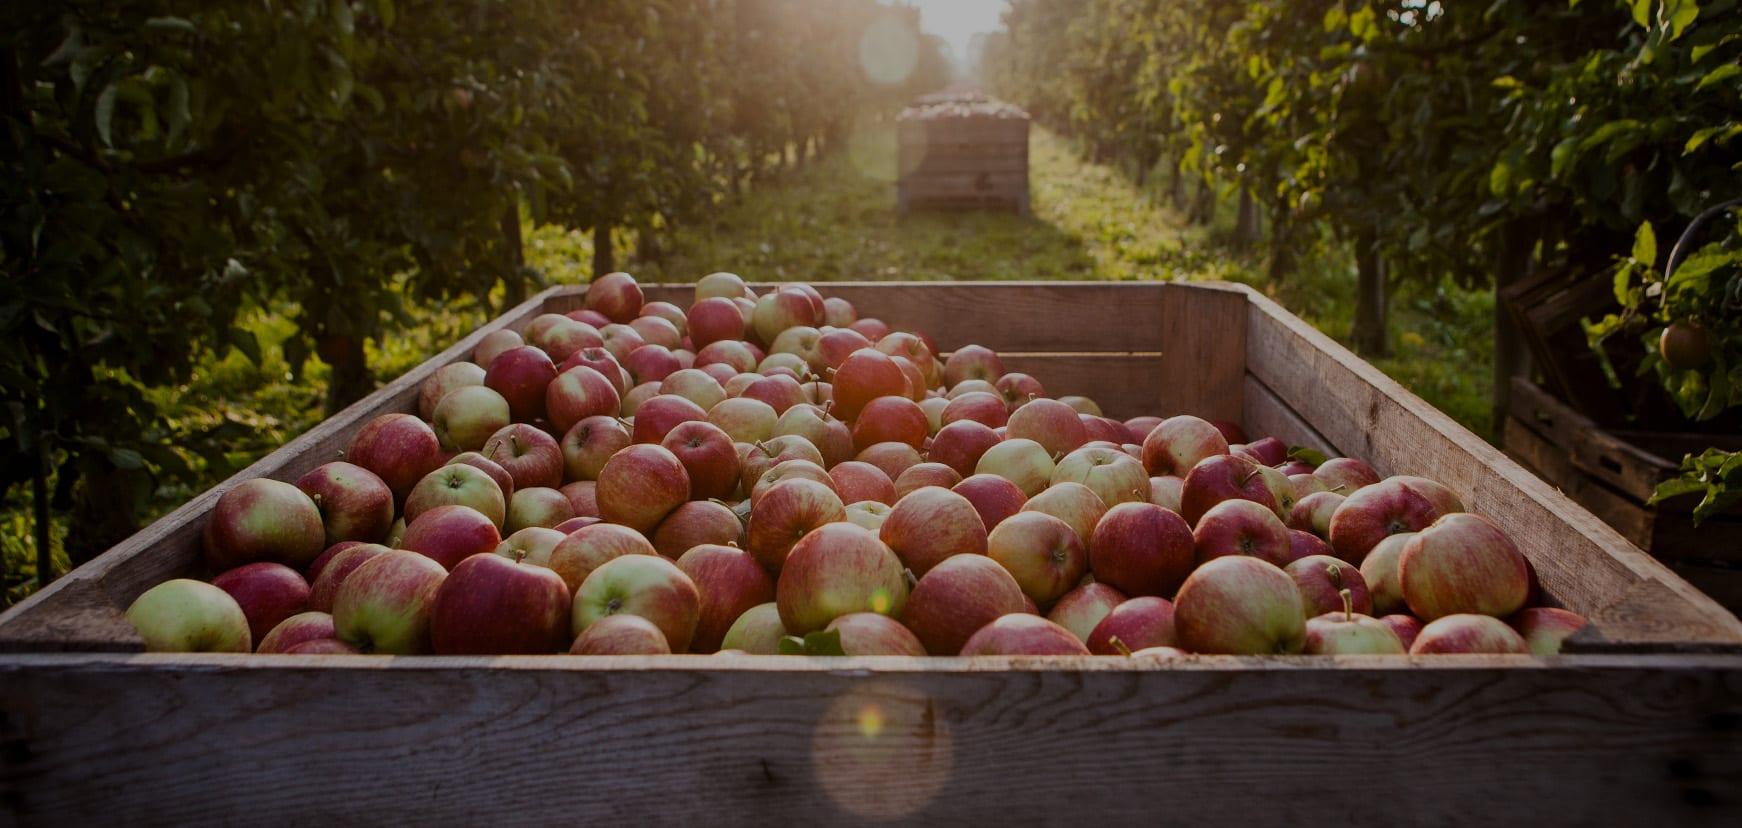 Apfelkiste im Gegenlicht